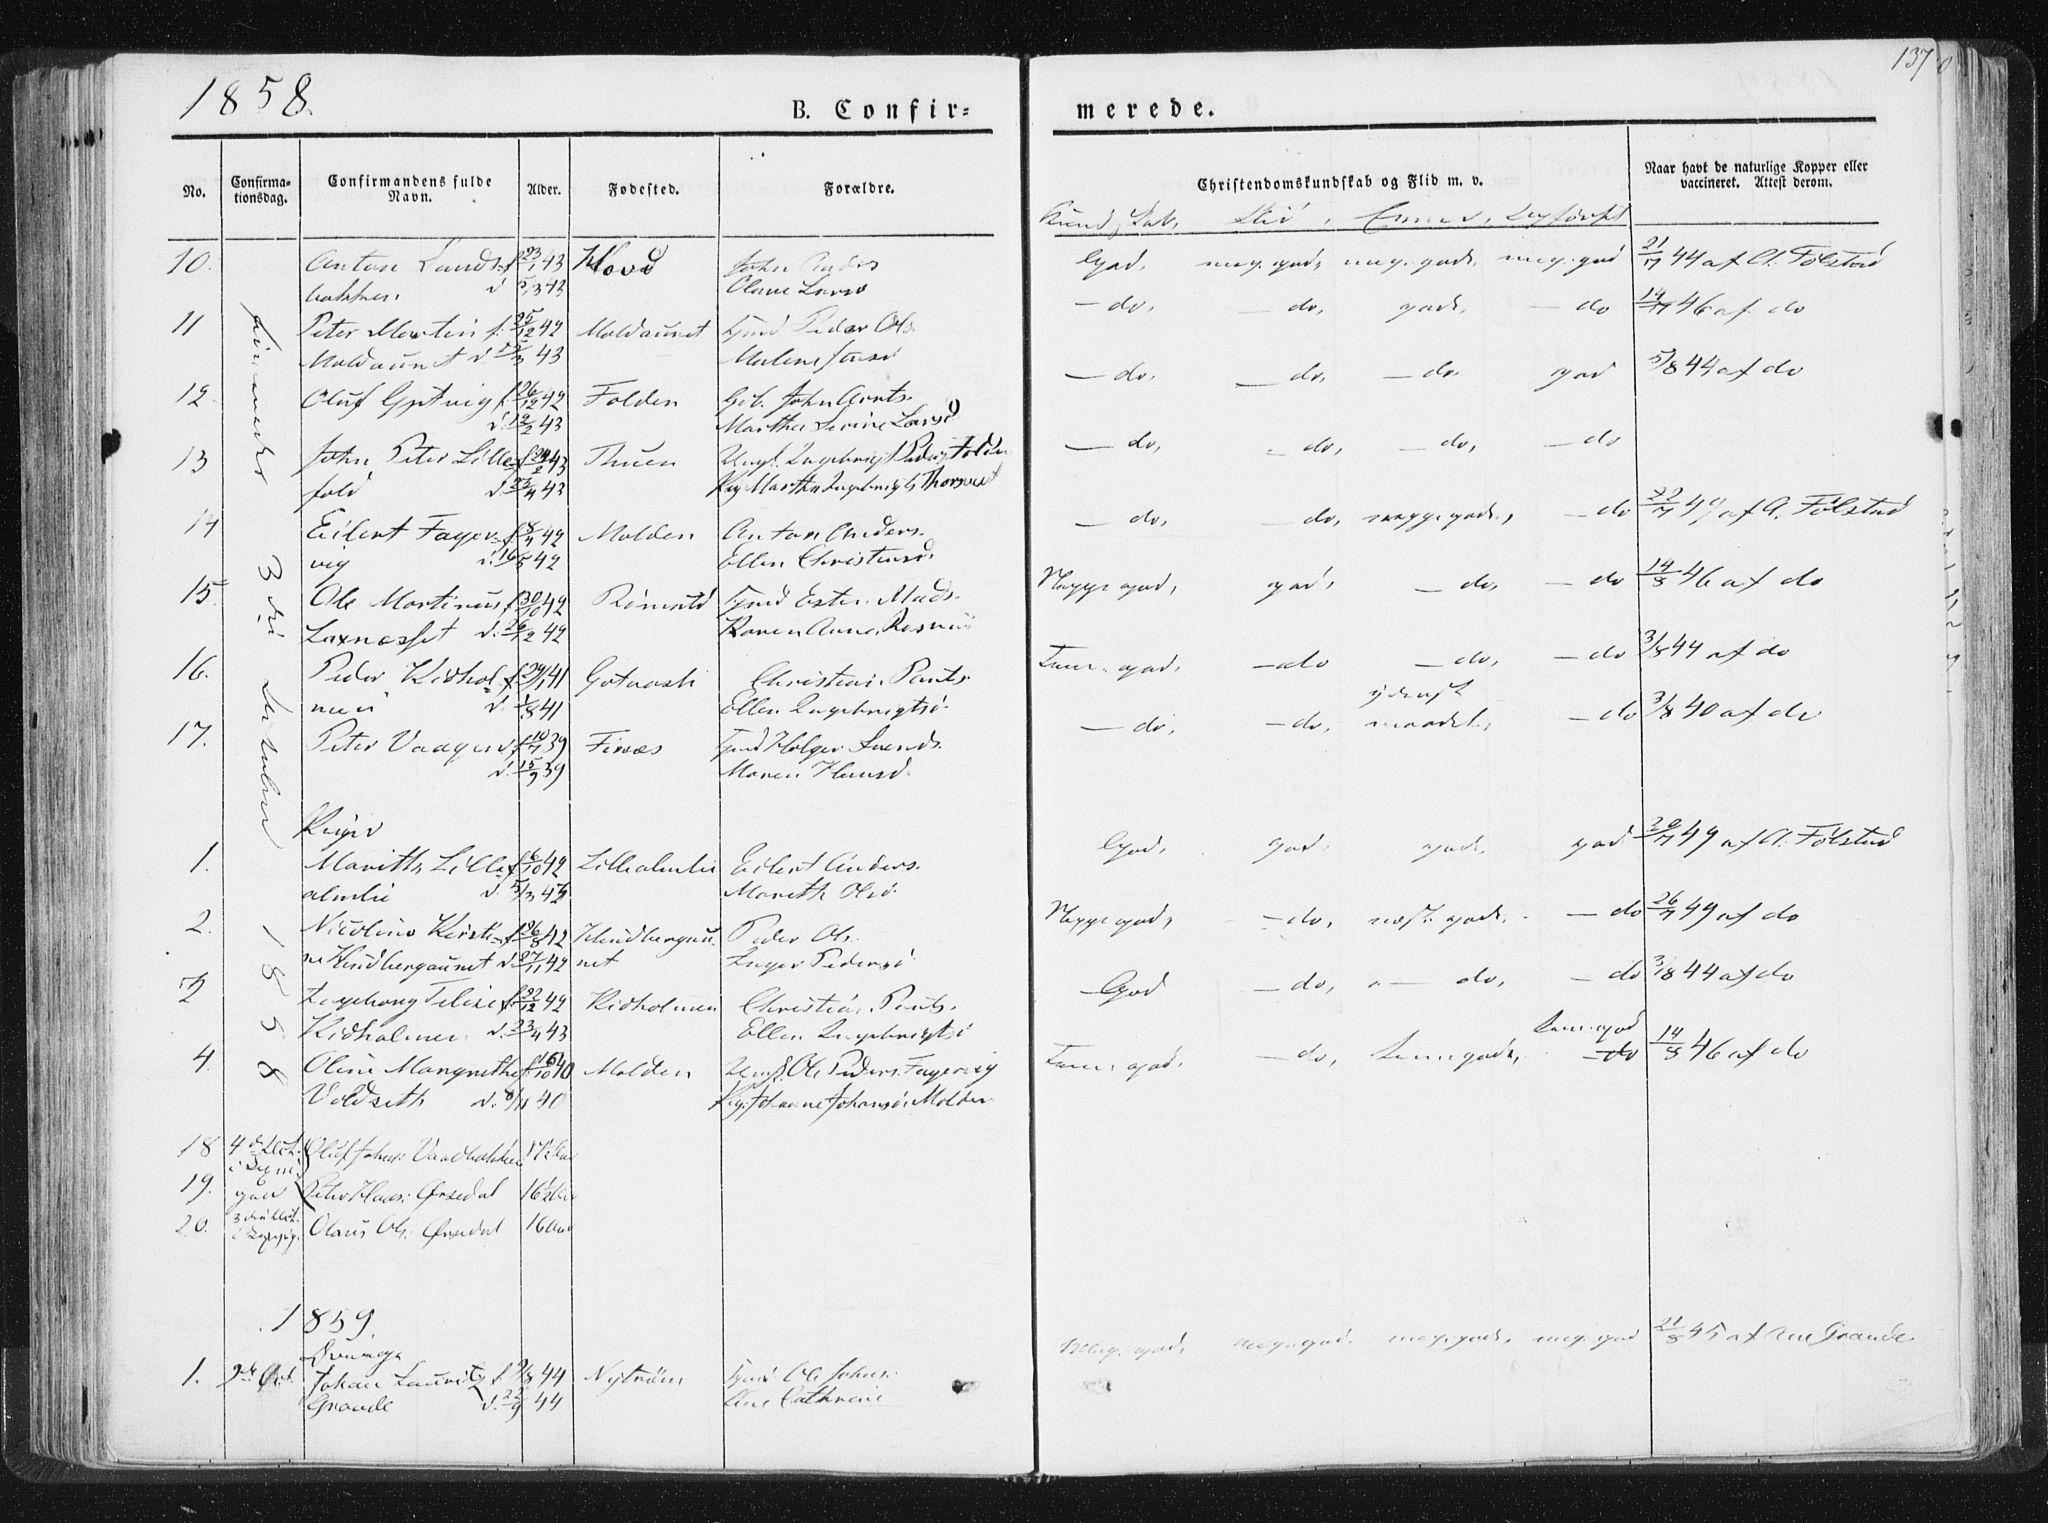 SAT, Ministerialprotokoller, klokkerbøker og fødselsregistre - Nord-Trøndelag, 744/L0418: Ministerialbok nr. 744A02, 1843-1866, s. 137